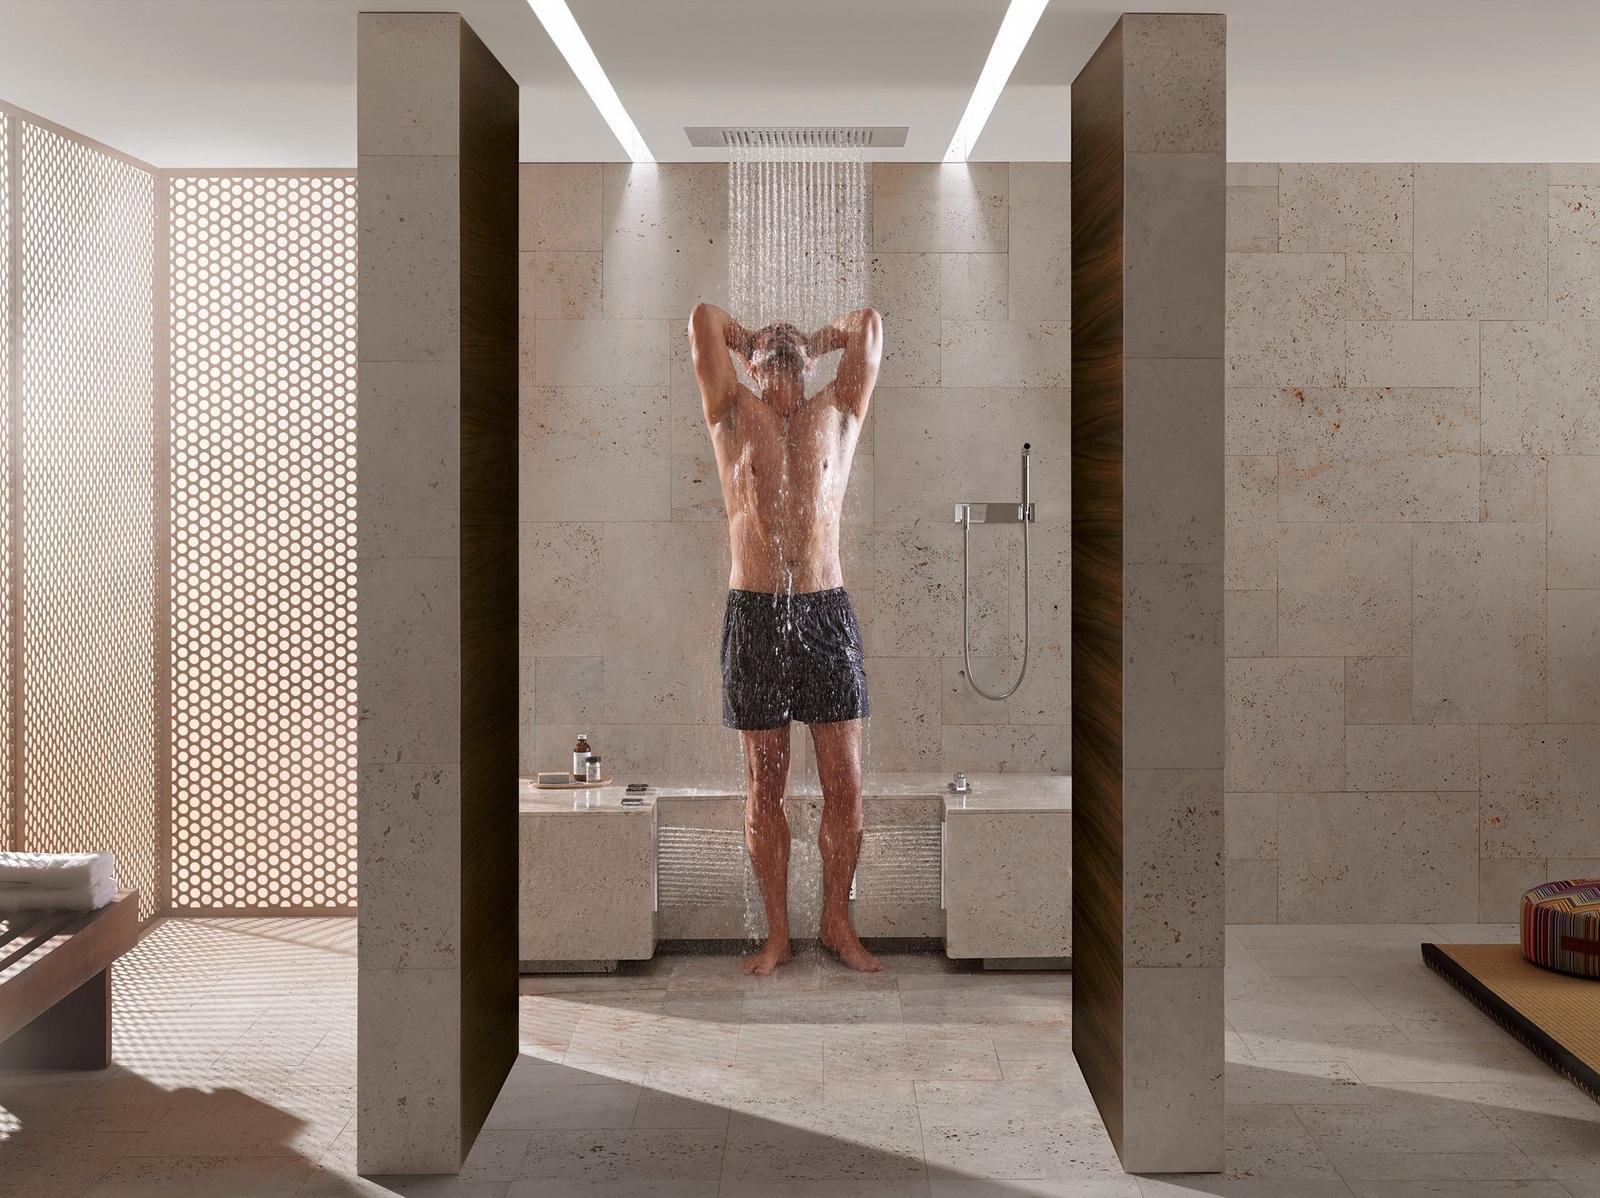 mann hat zw lf jahre nicht geduscht so erging es ihm gesundheit. Black Bedroom Furniture Sets. Home Design Ideas